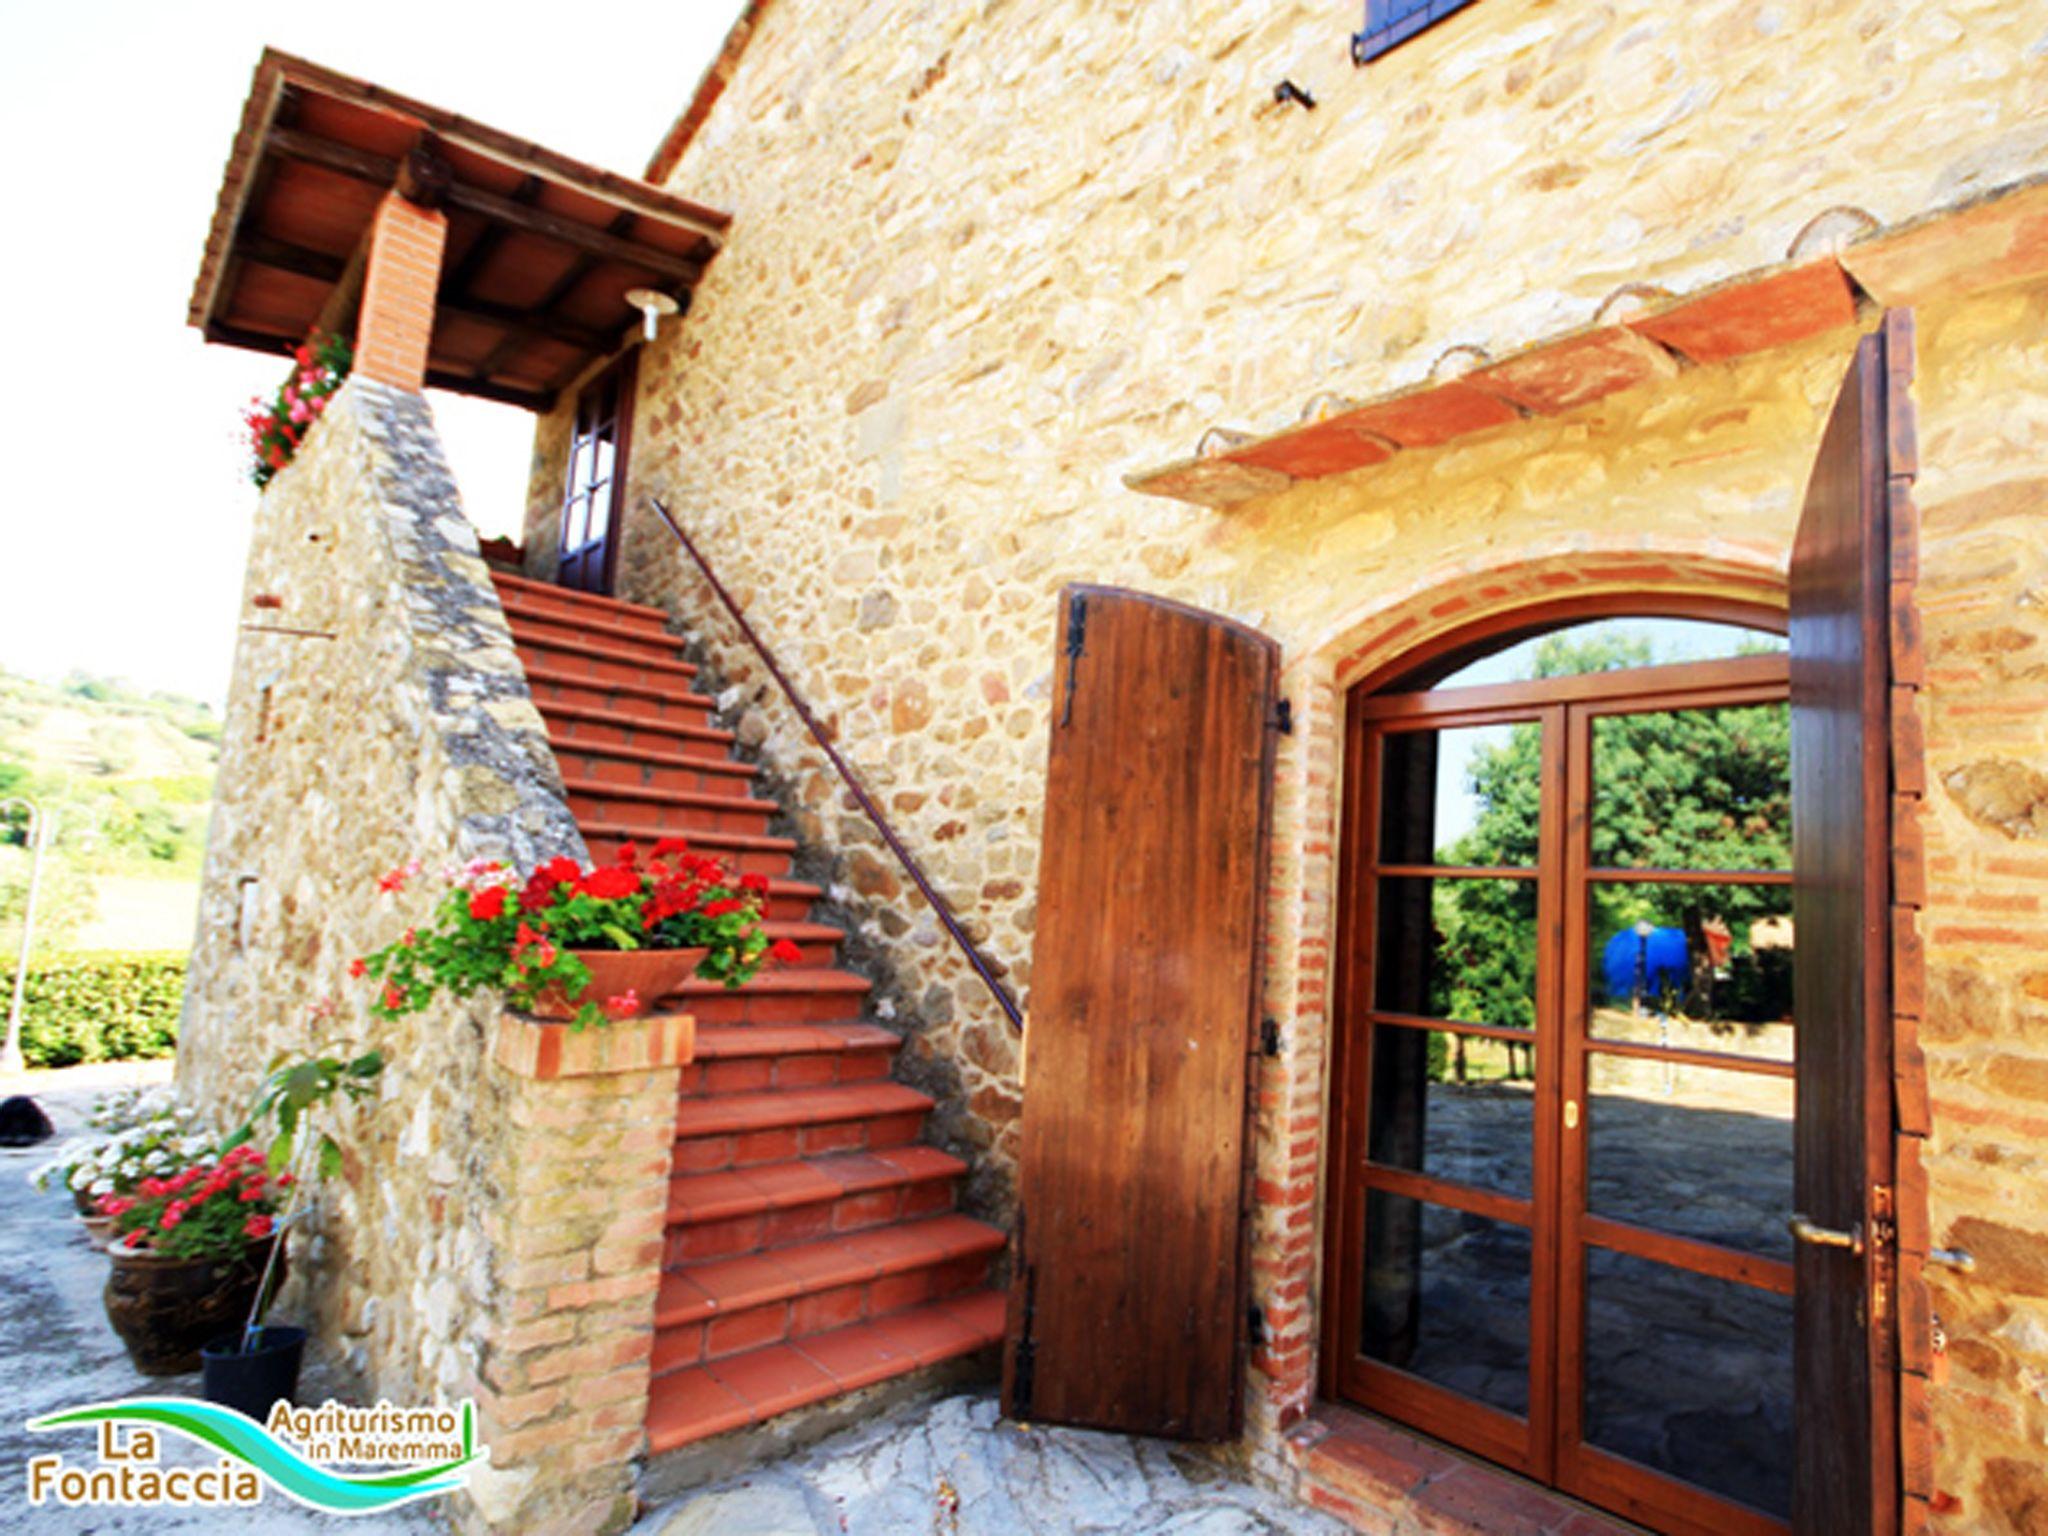 Villa Fontaccia - Villa Fontaccia photo 13831177